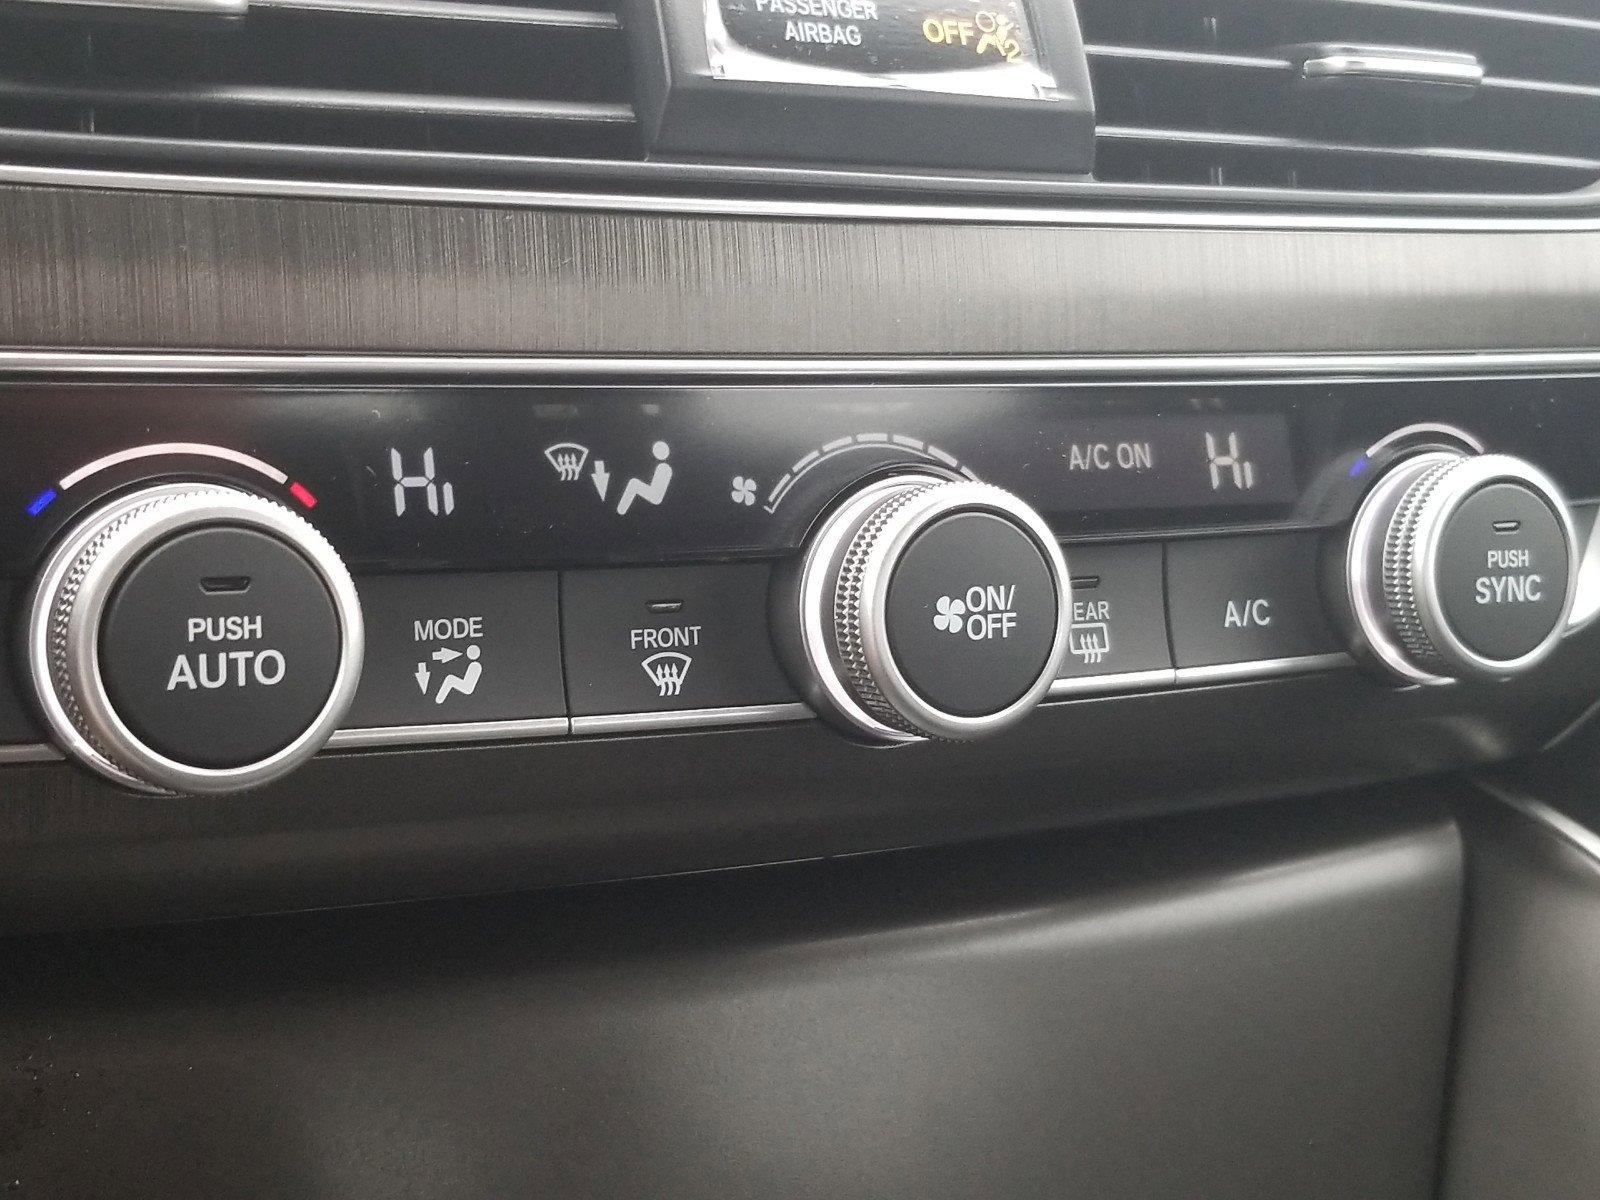 Pre-Owned 2019 Honda Accord LX 1.5T Sedan